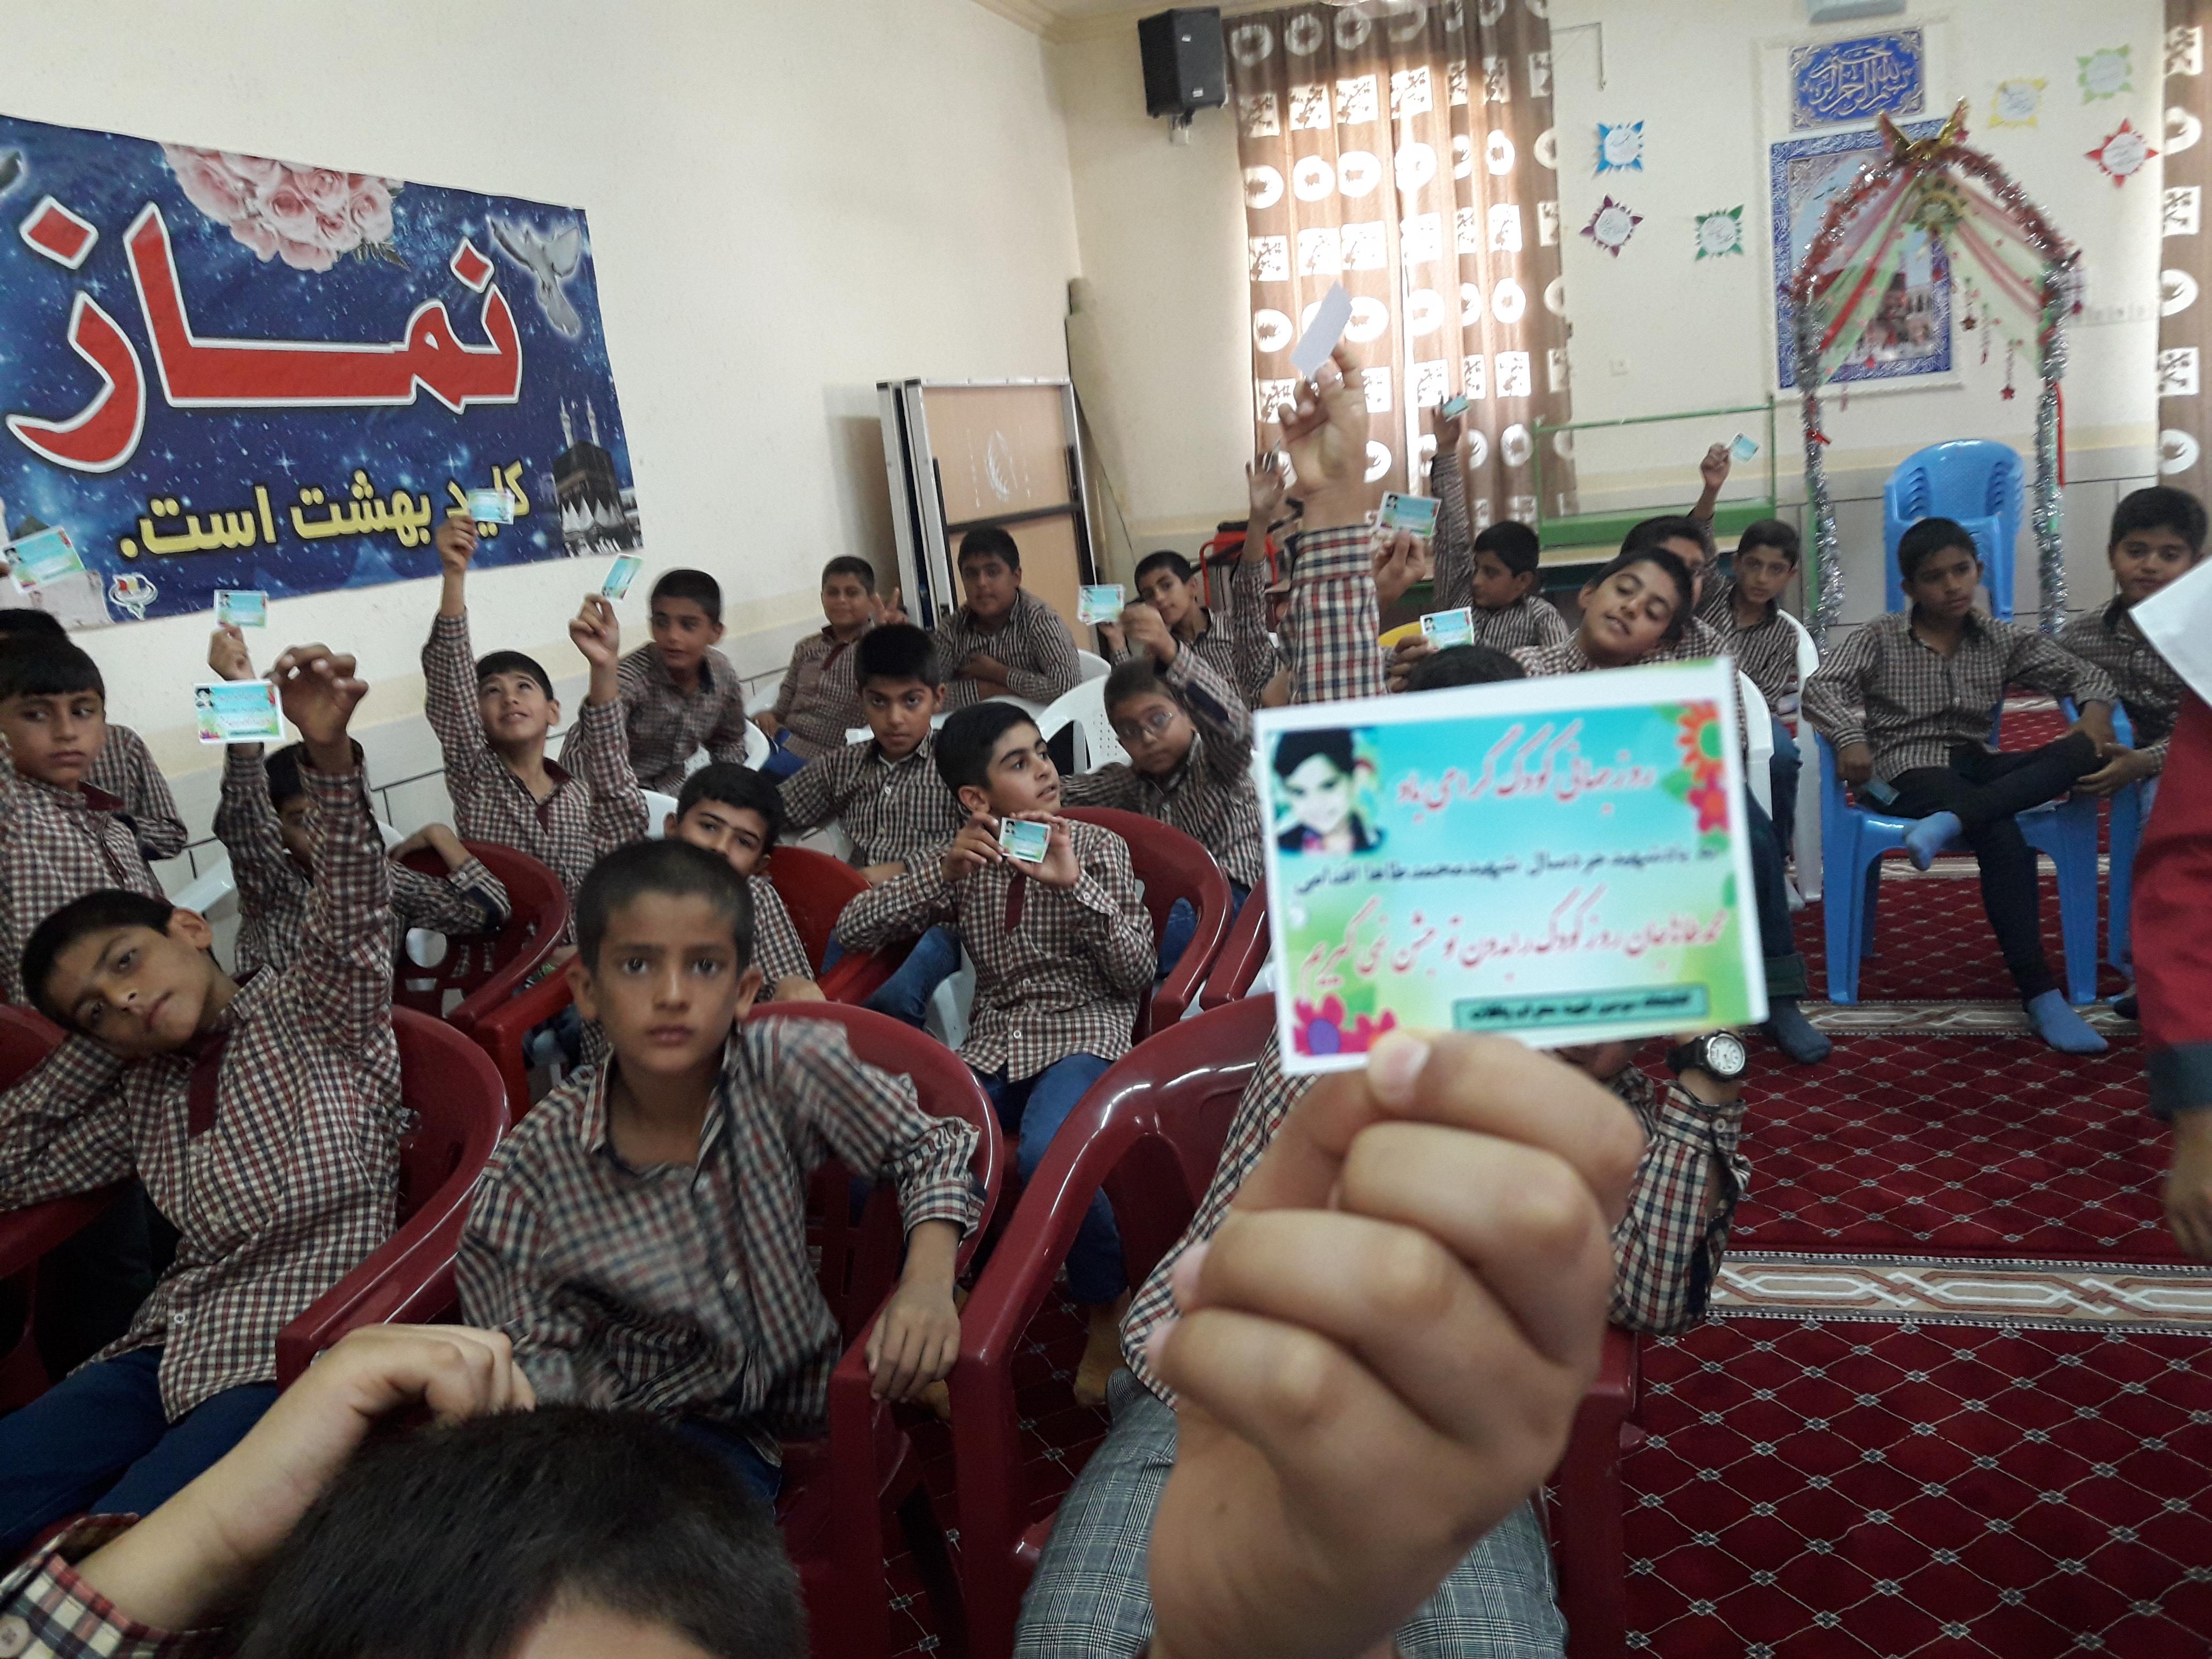 تقدیر از کودکان شرکت کننده در مسابقه نقاشی جشنواره رضوی به مناسبت روز جهانی کودک